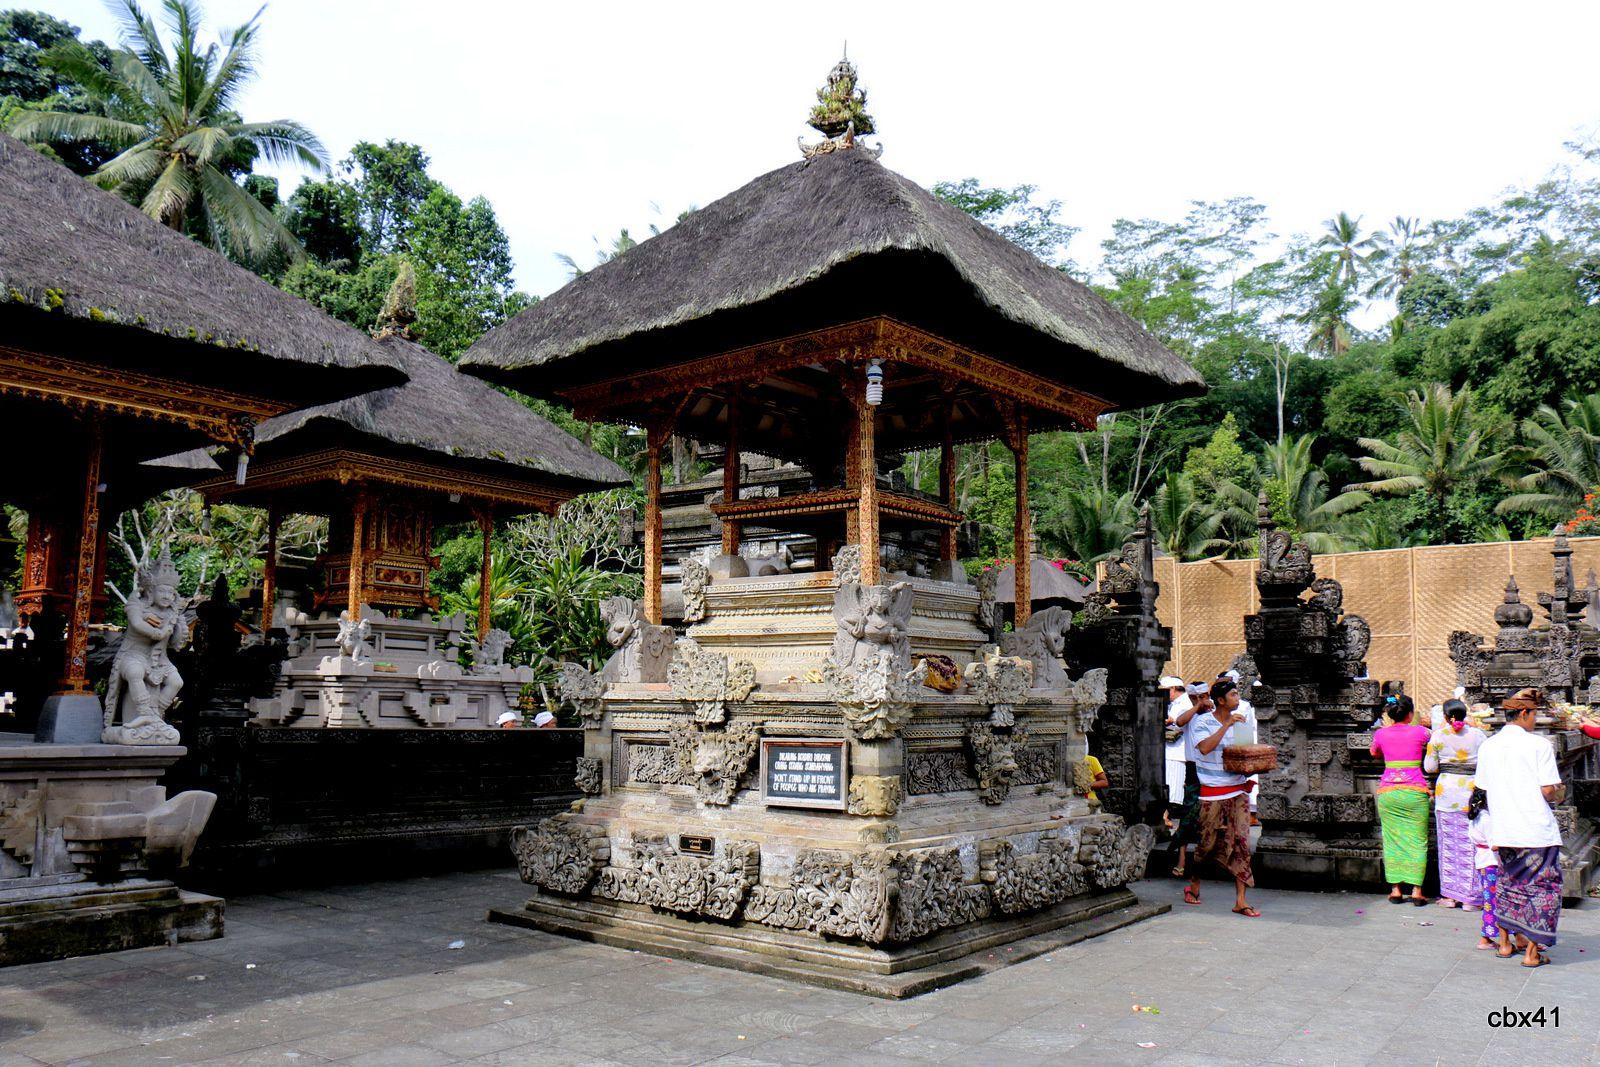 Pélerins et visiteurs du temple de Tirta Empul, Tampaksiring (Bali, Indonésie)